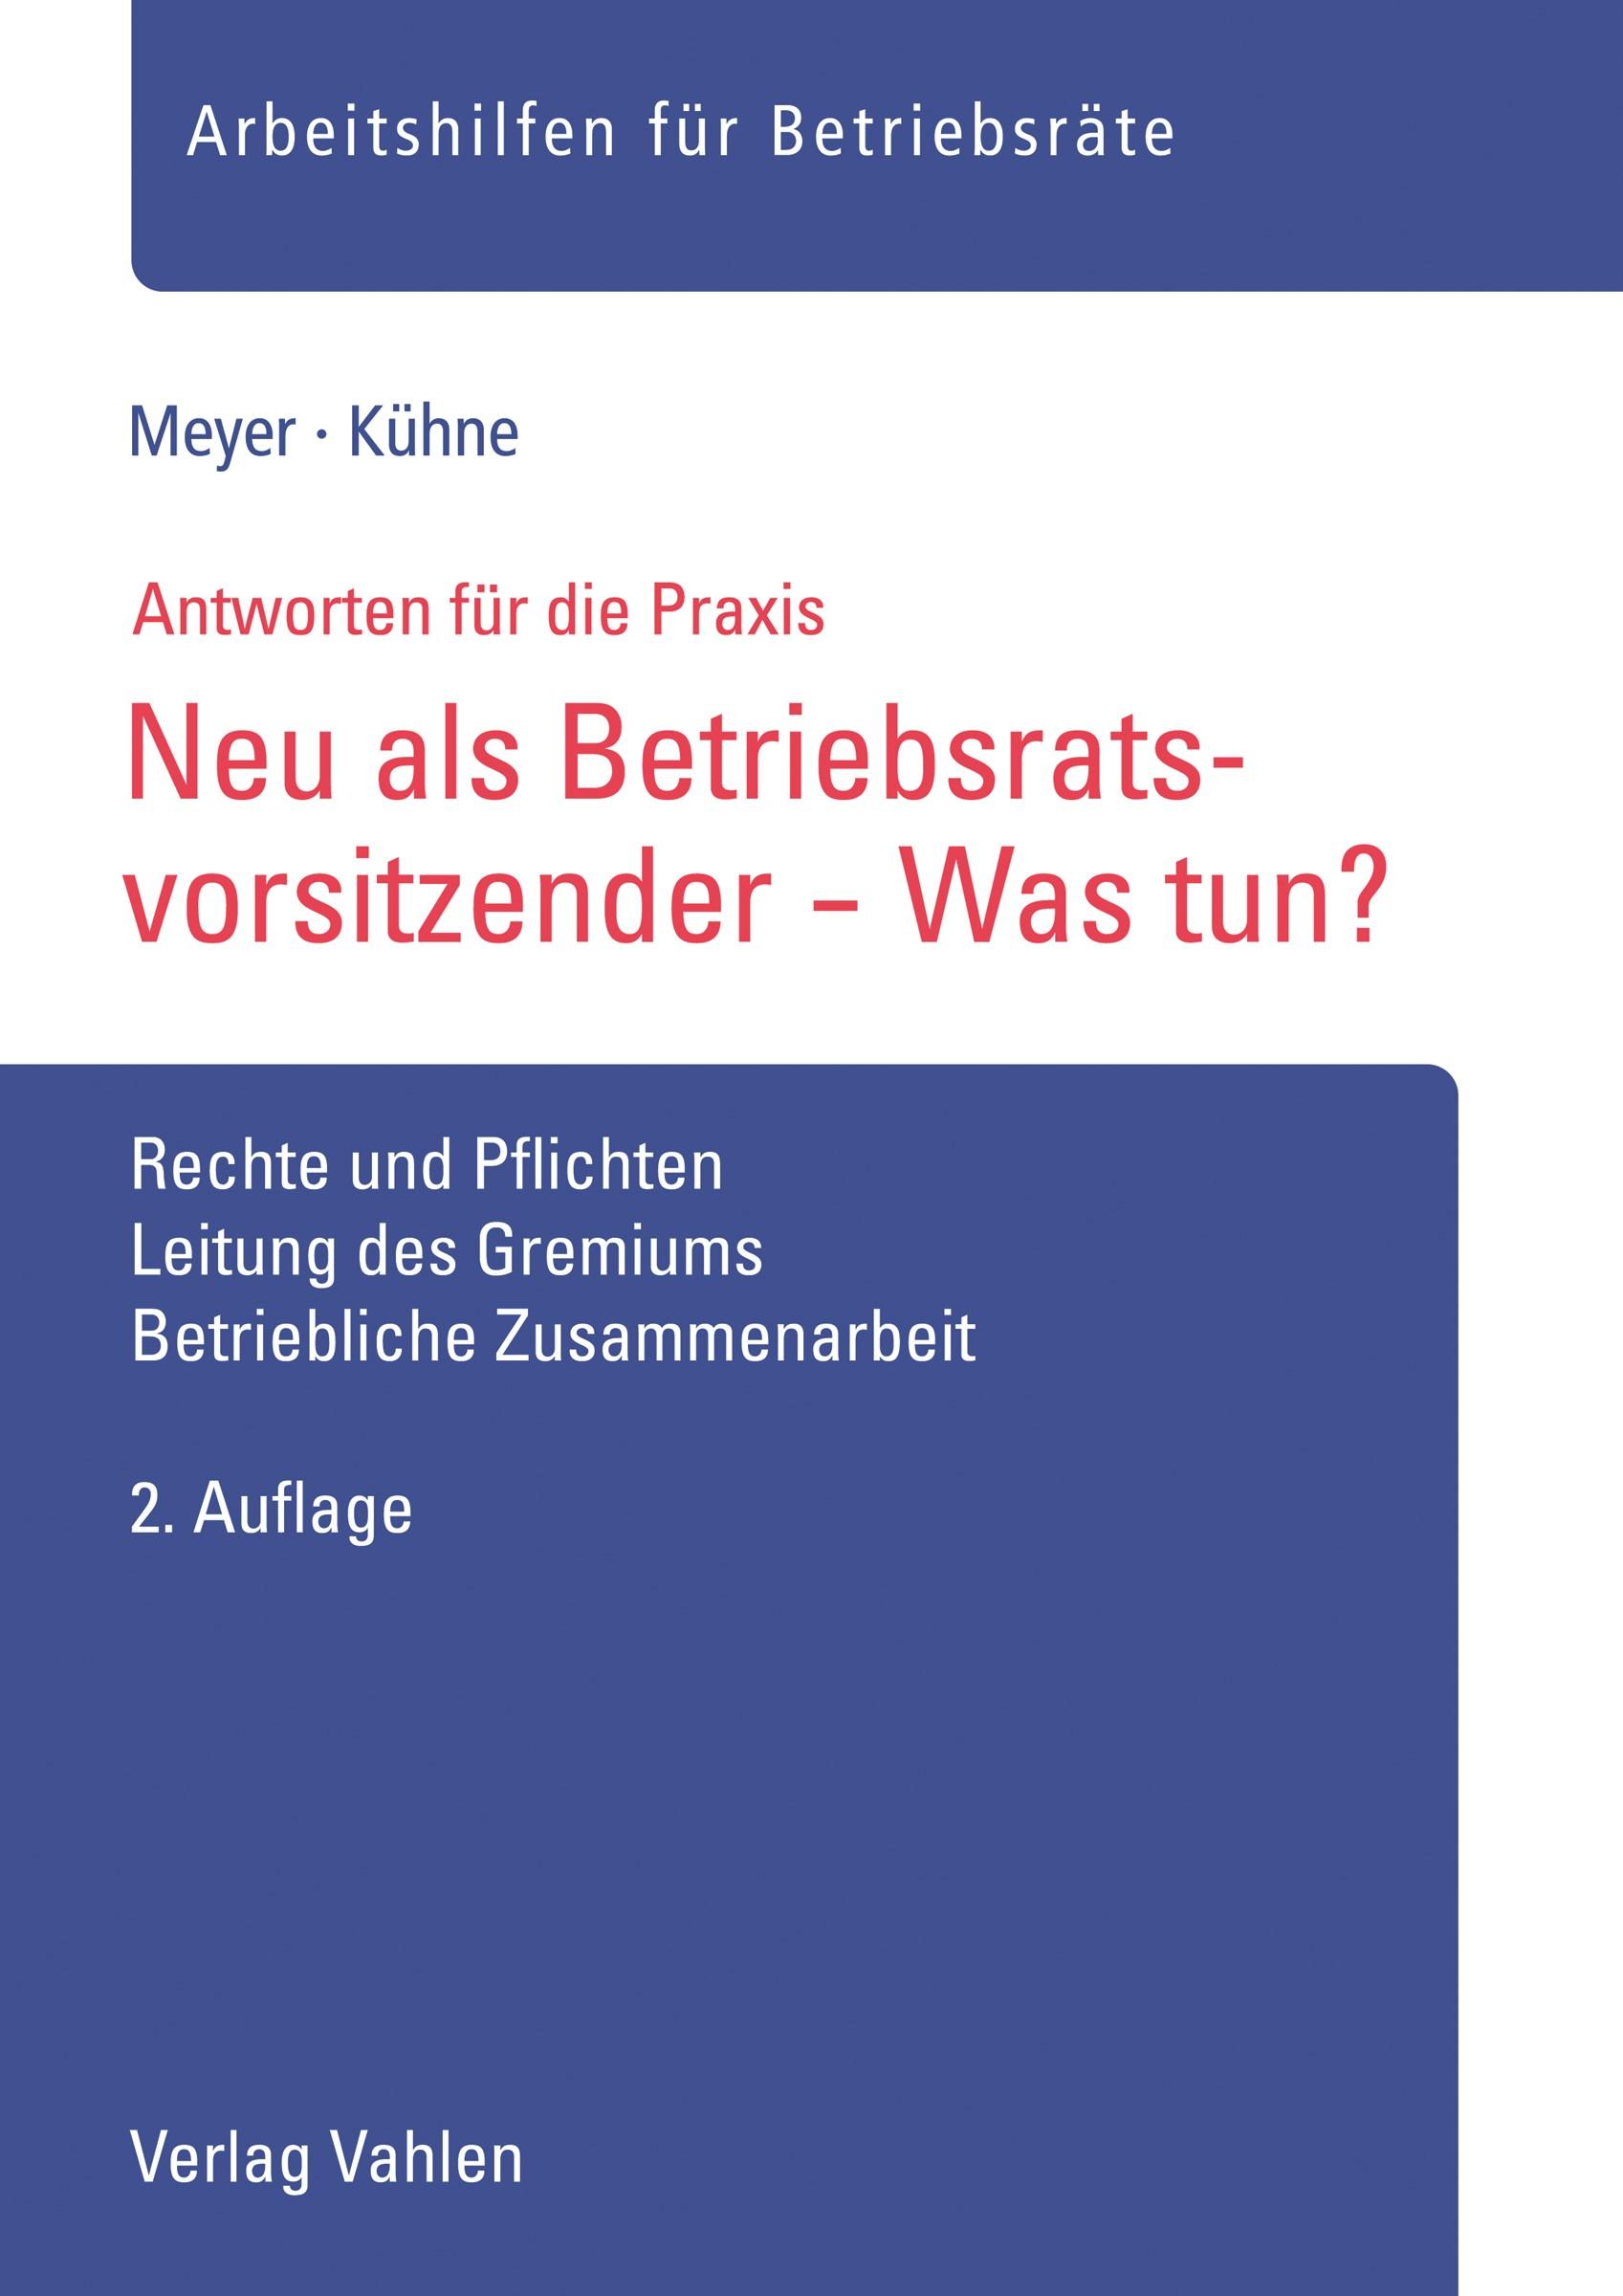 Neu als Betriebsratsvorsitzender - Was tun? | Meyer / Kühne | 2. Auflage, 2018 | Buch (Cover)